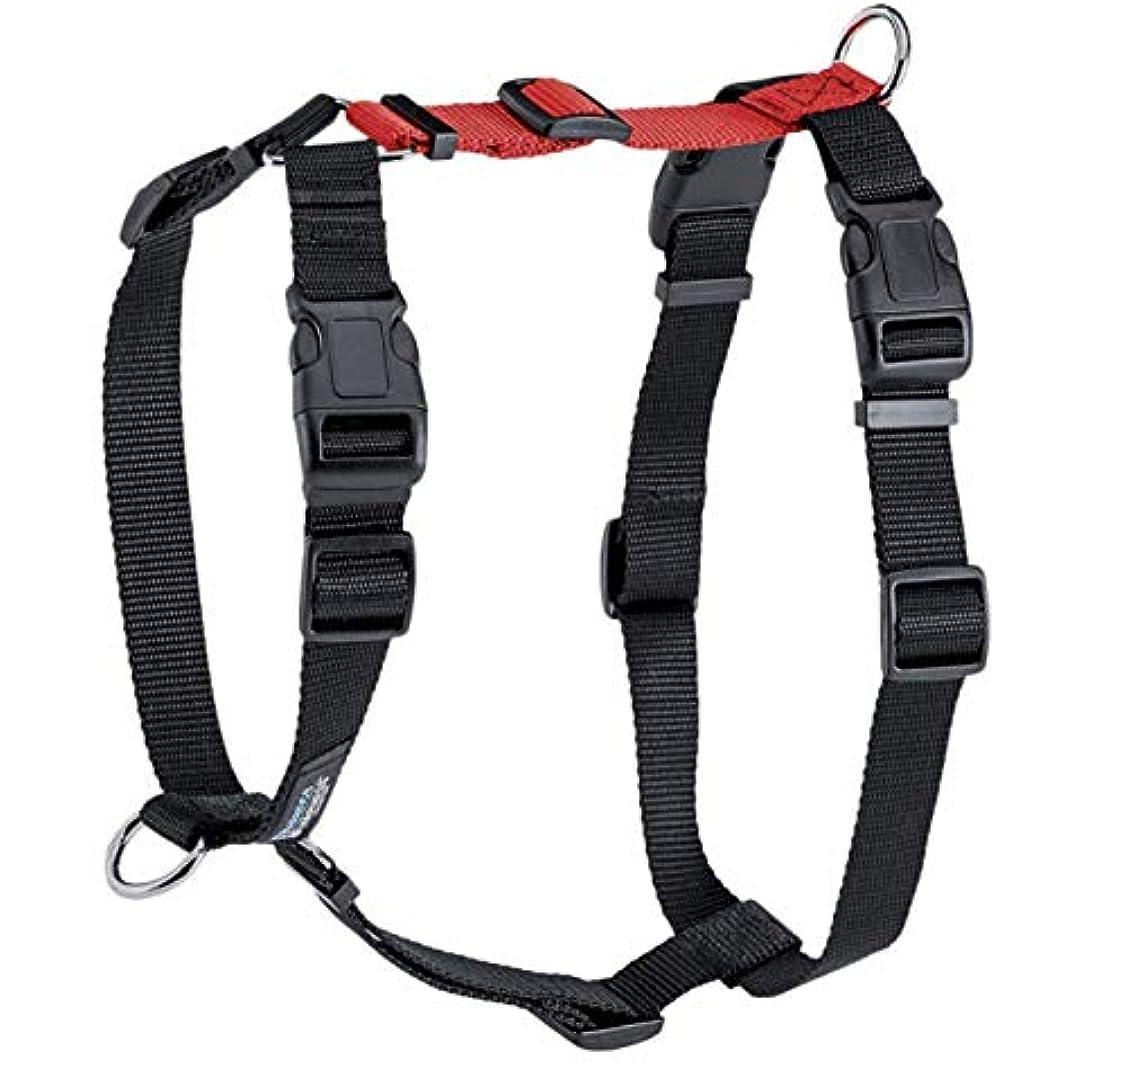 解釈する飛行機処分した[Blue-9 Pet Products] [Balance Harness Buckle Neck Large Red] (並行輸入品) [並行輸入品]